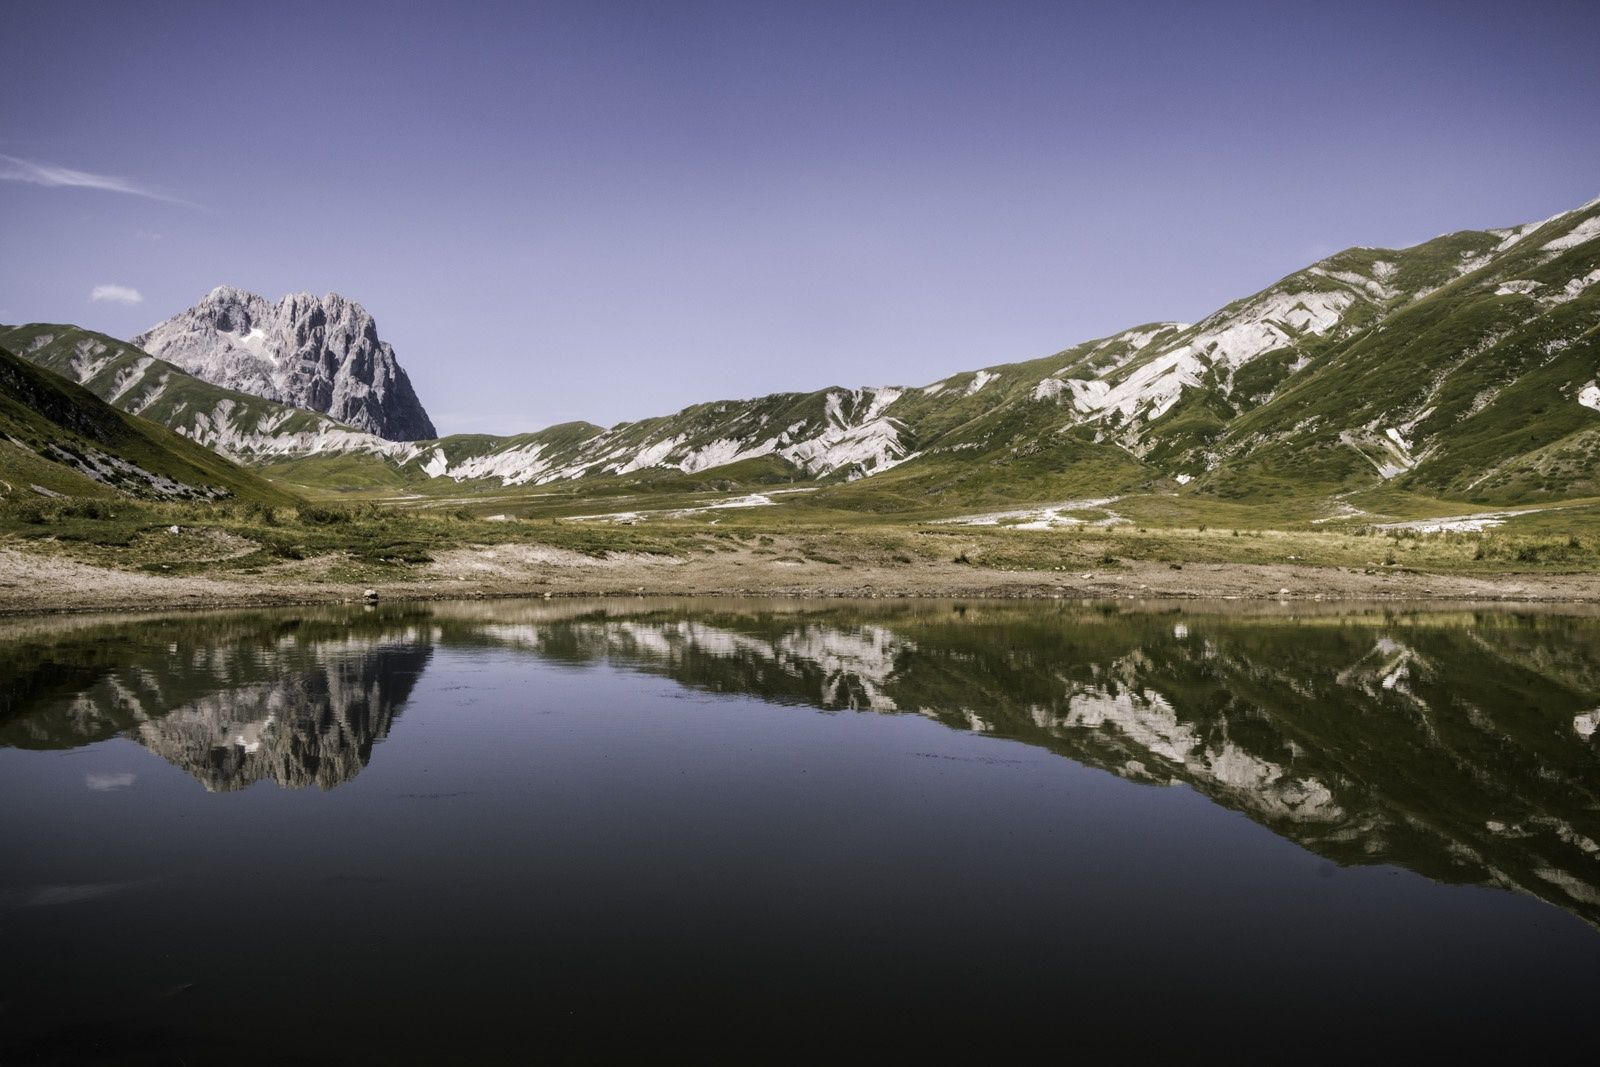 Pietranzoni Lake, Campo Imperatore by Giulia Vitale on 500px